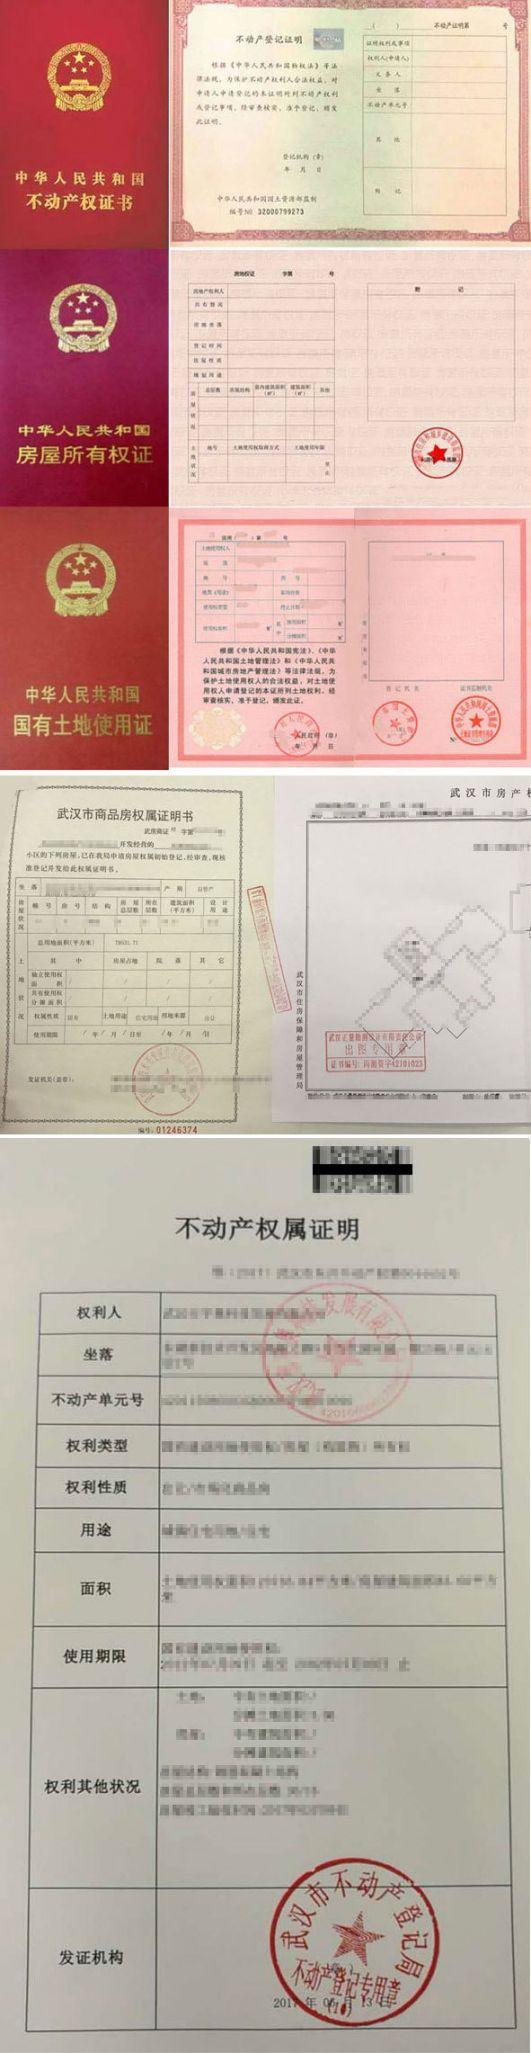 (1)不动产权证; (2)房屋所有权证,国有土地使用证;(3)合法有效购房